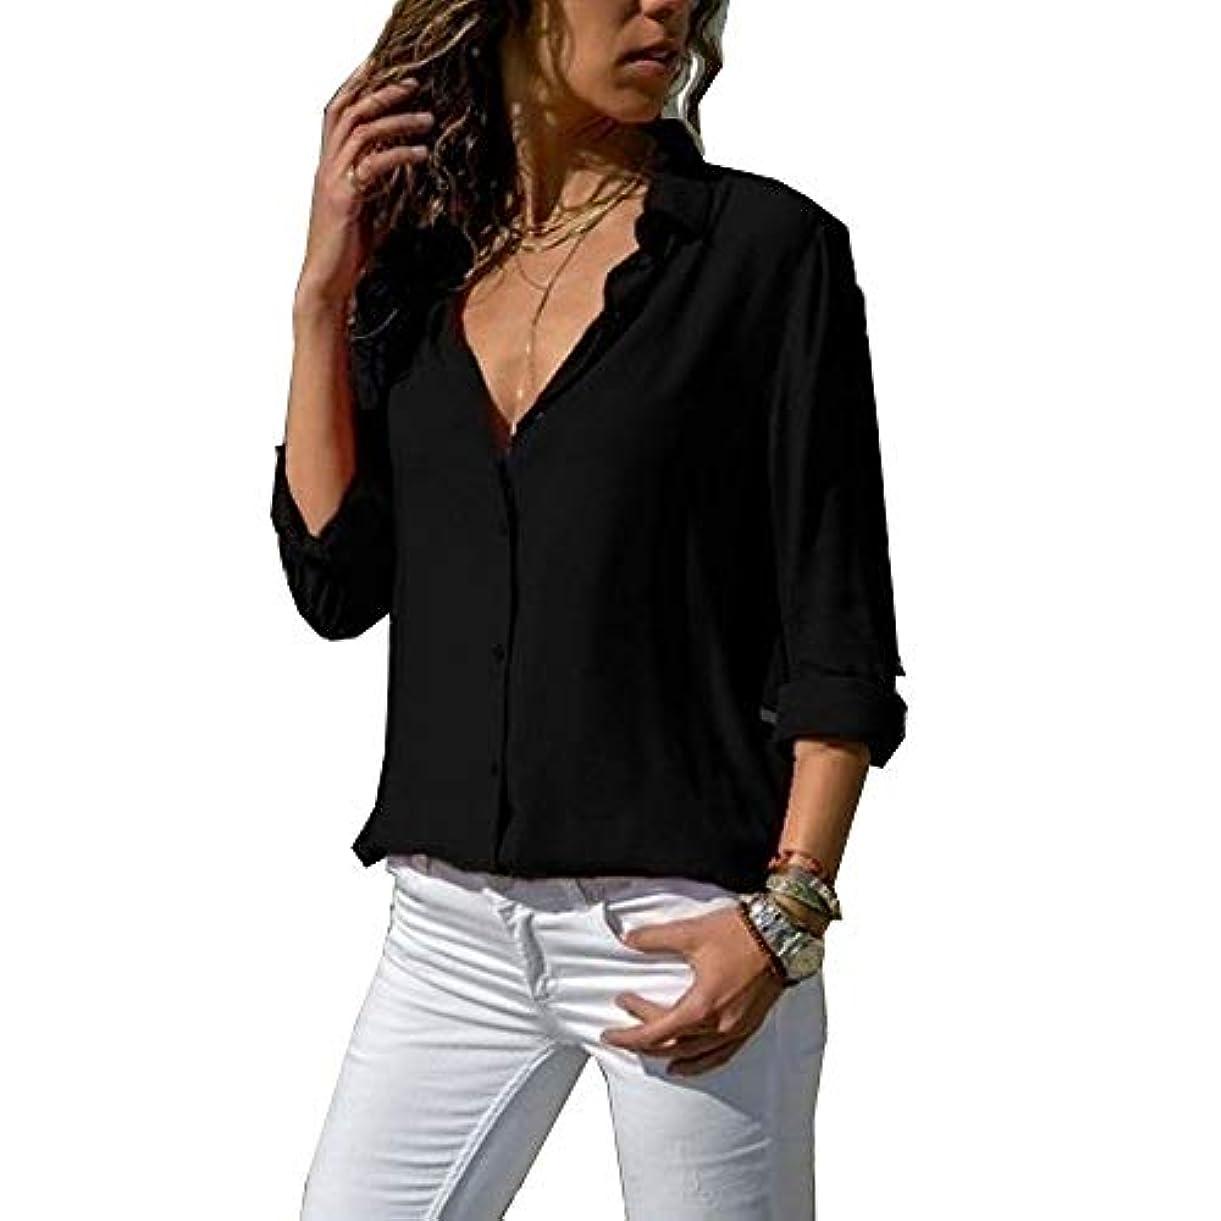 引用電気の遺跡MIFAN ルーズシャツ、トップス&Tシャツ、プラスサイズ、トップス&ブラウス、シフォンブラウス、女性トップス、シフォンシャツ